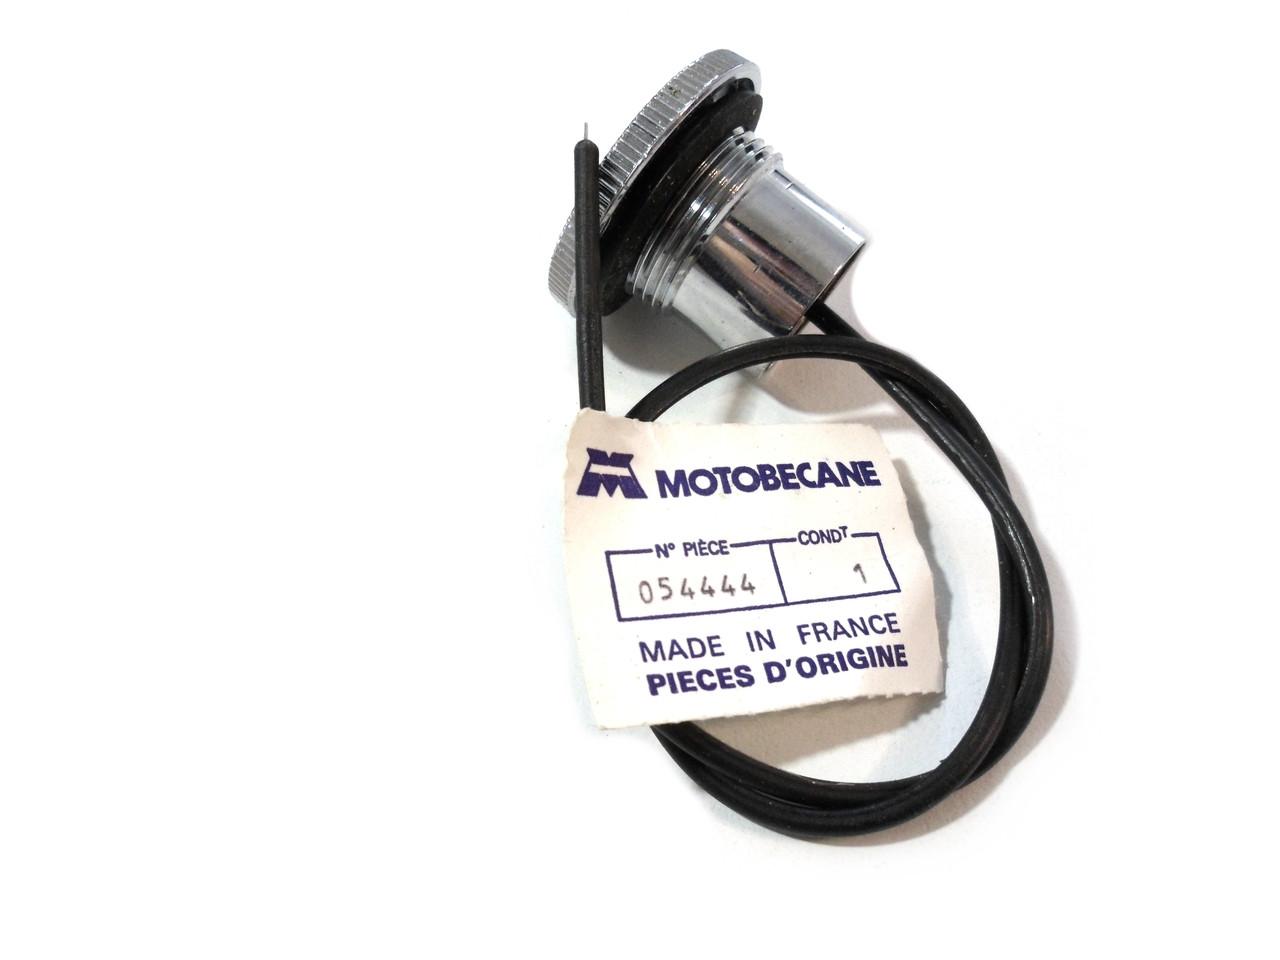 Original Motobecane Gas / Fuel Cap for 40v / 50v models - Chrome